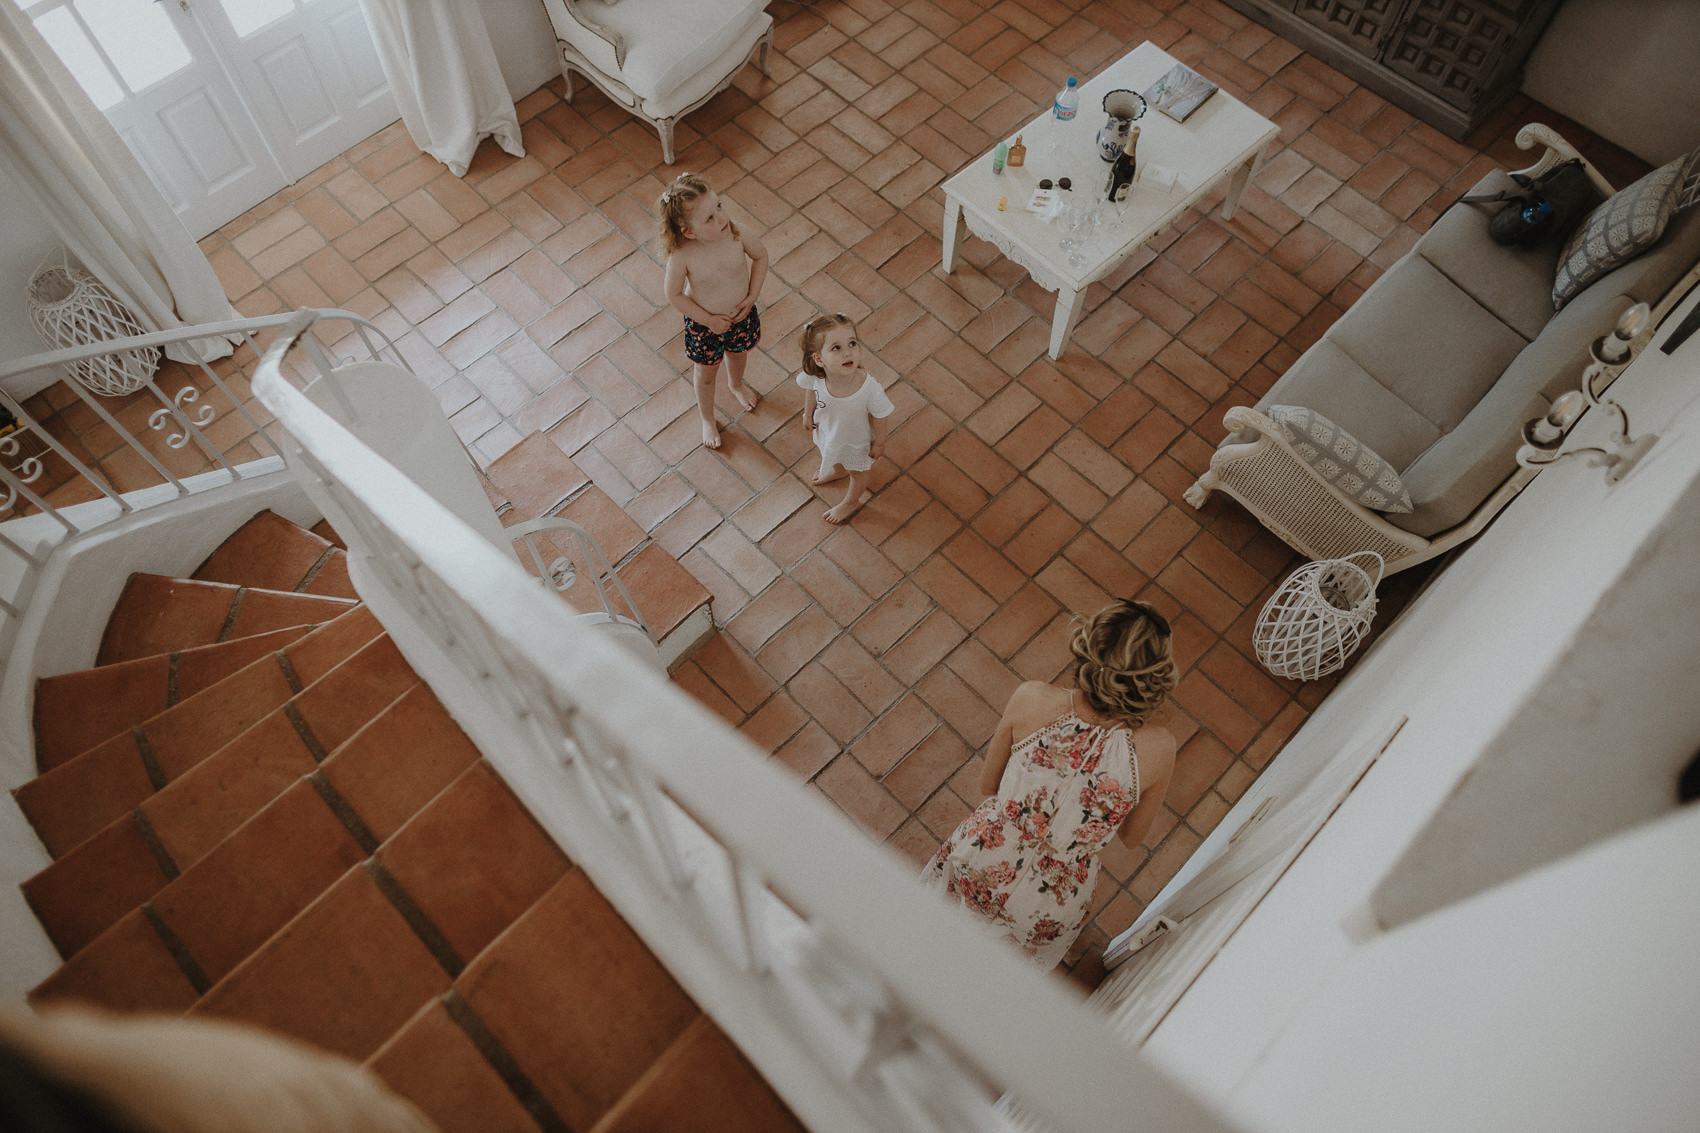 Sarah & Bill | Summer wedding at Cortijo Rosa Blanca | Marbella - Spain 40